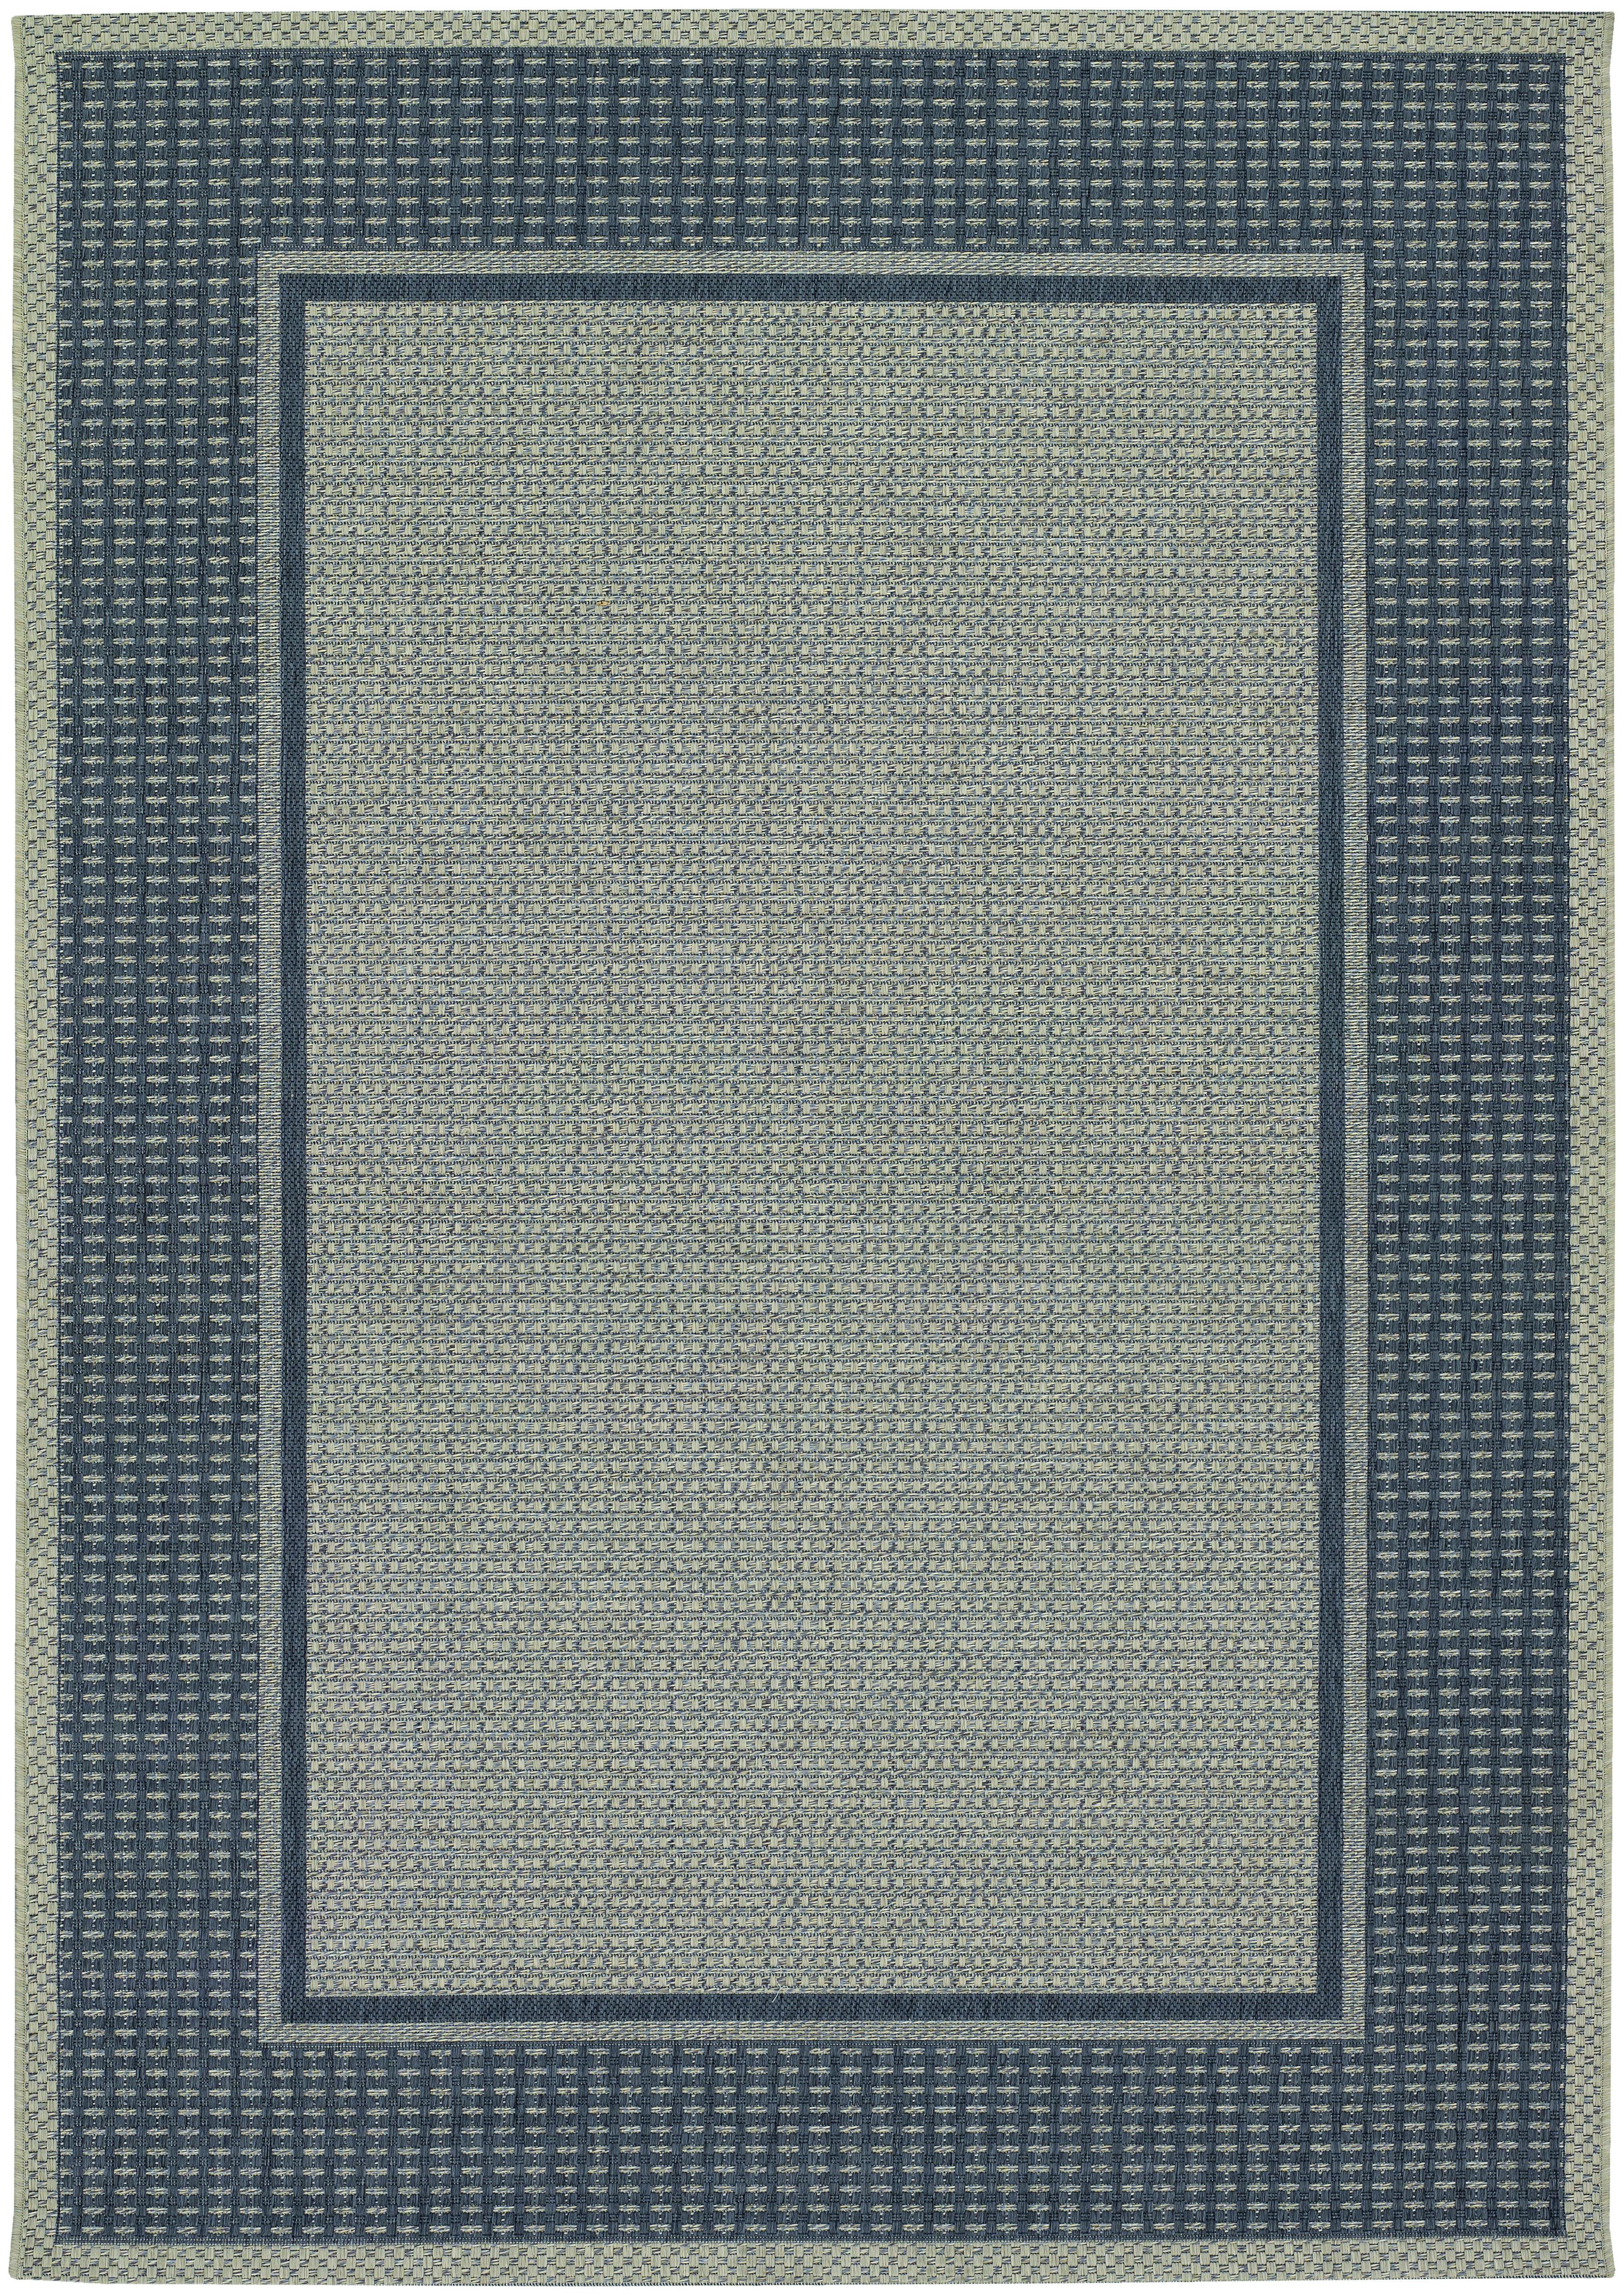 tides-astoria-charcoal-grey-00584004